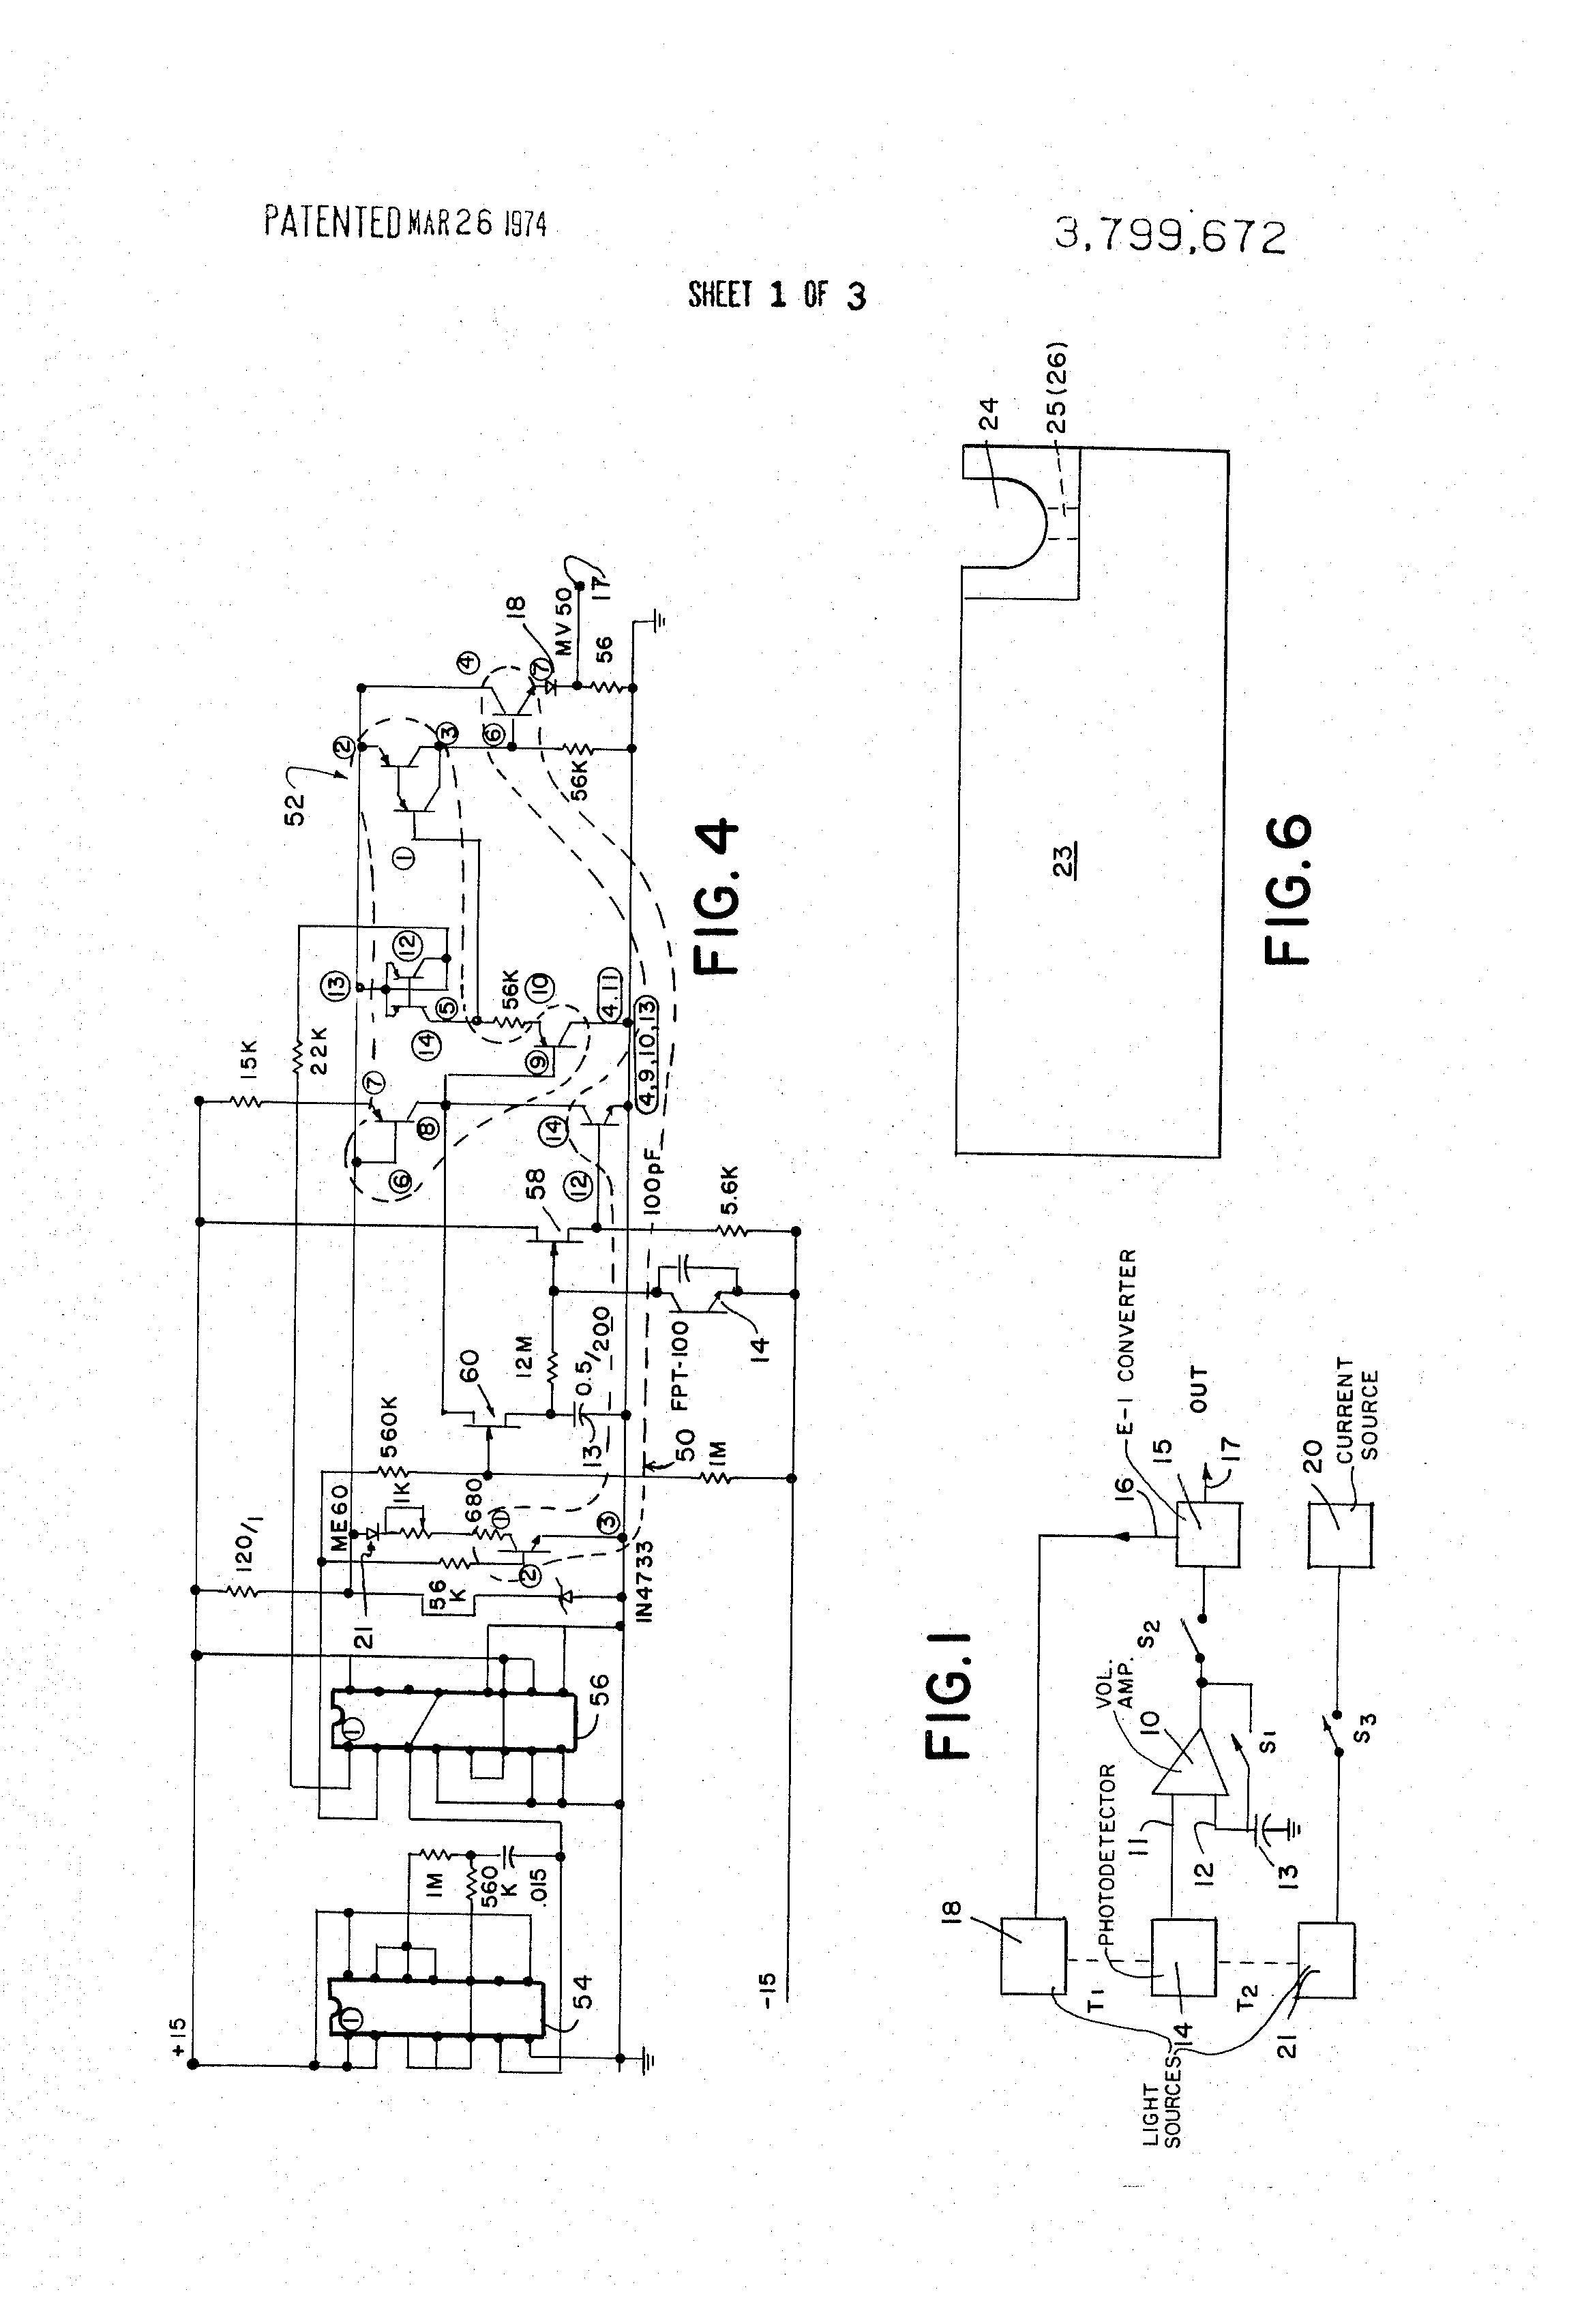 patent us3799672